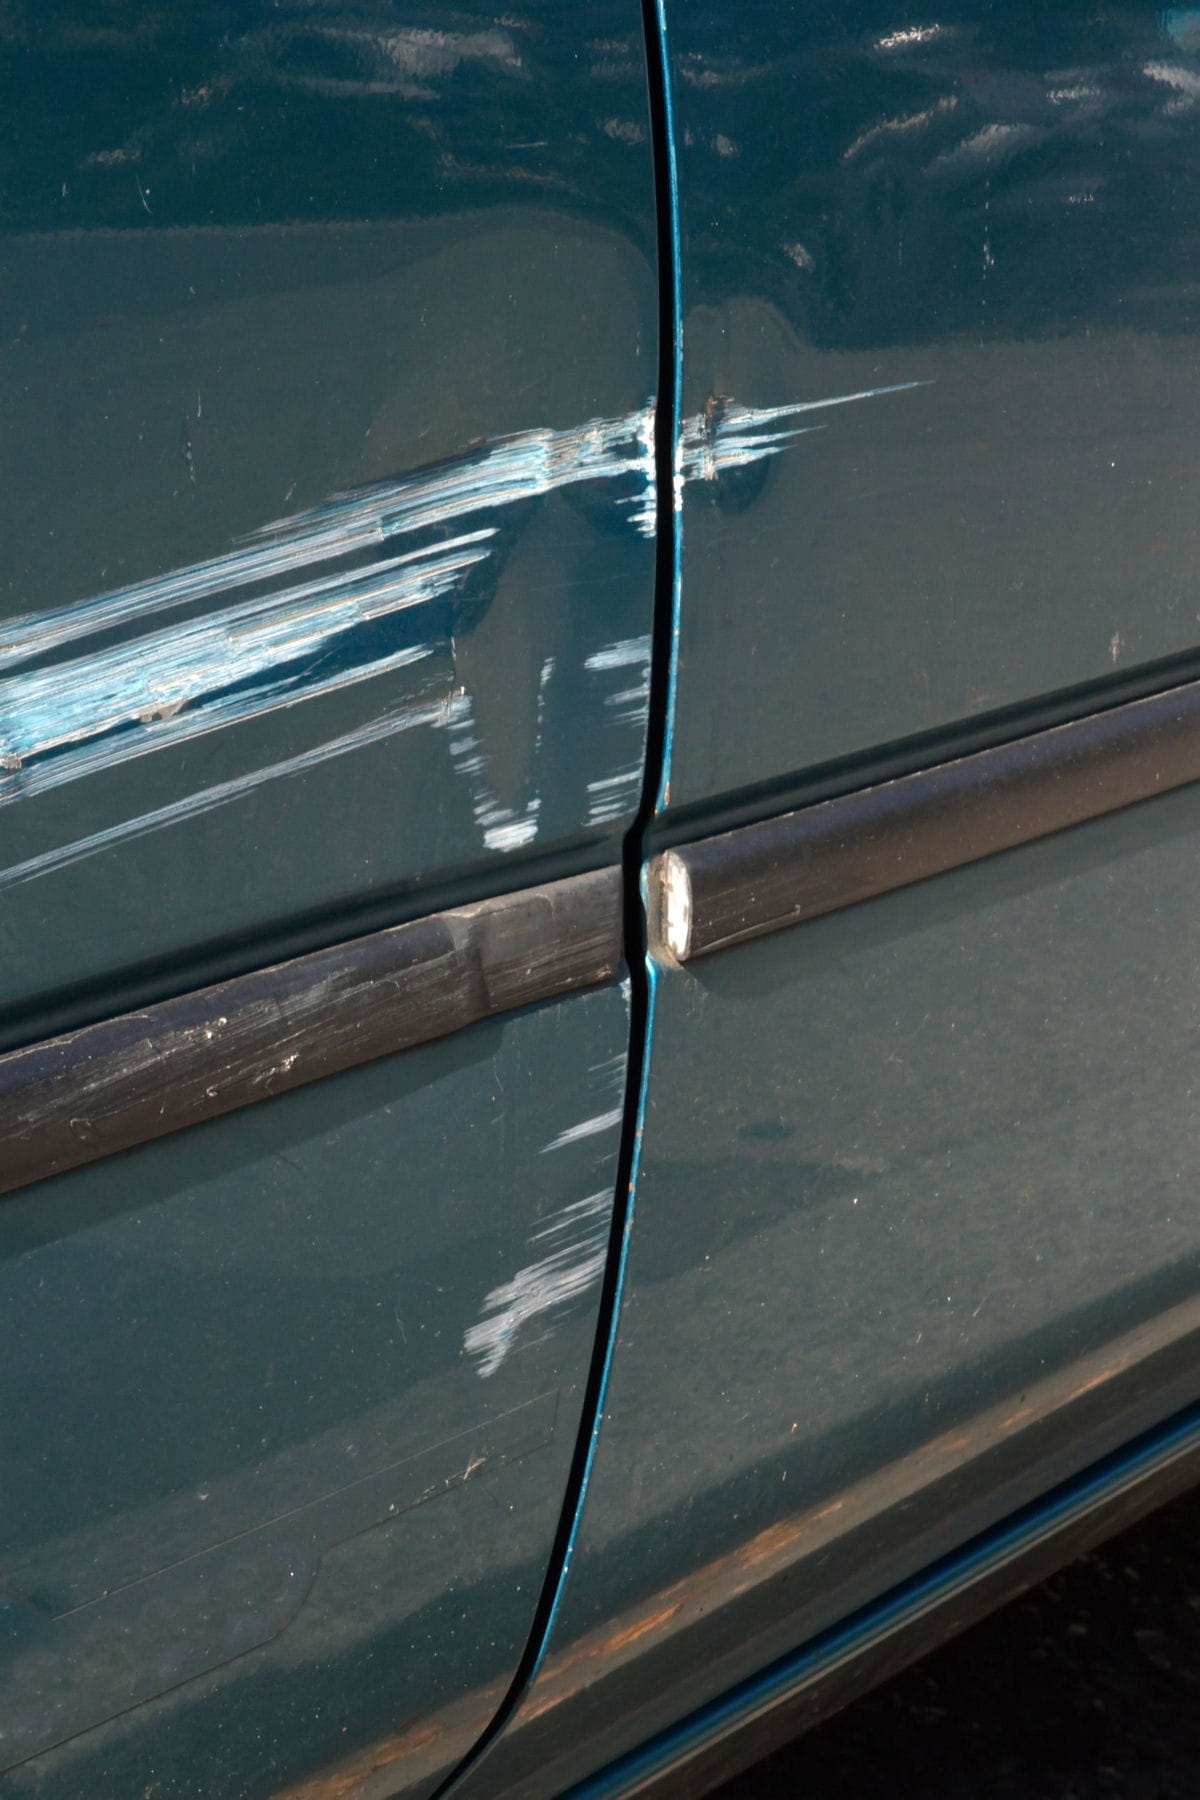 Comment enlever tache de peinture sur carrosserie - Enlever trace de scotch ...